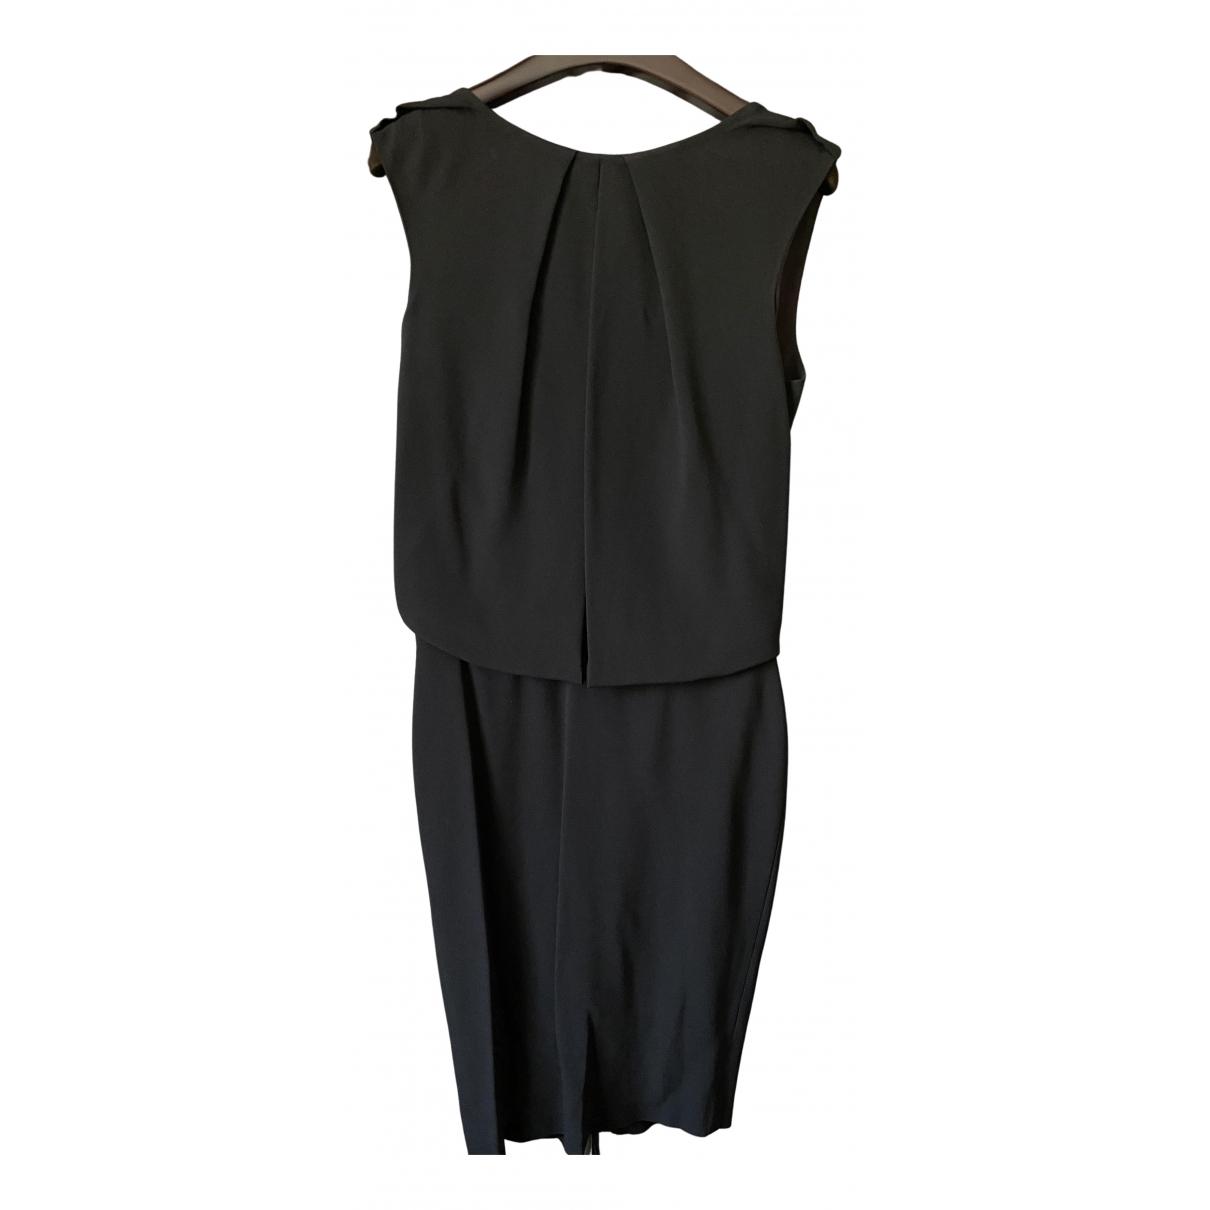 Tom Ford N Black dress for Women 36 FR